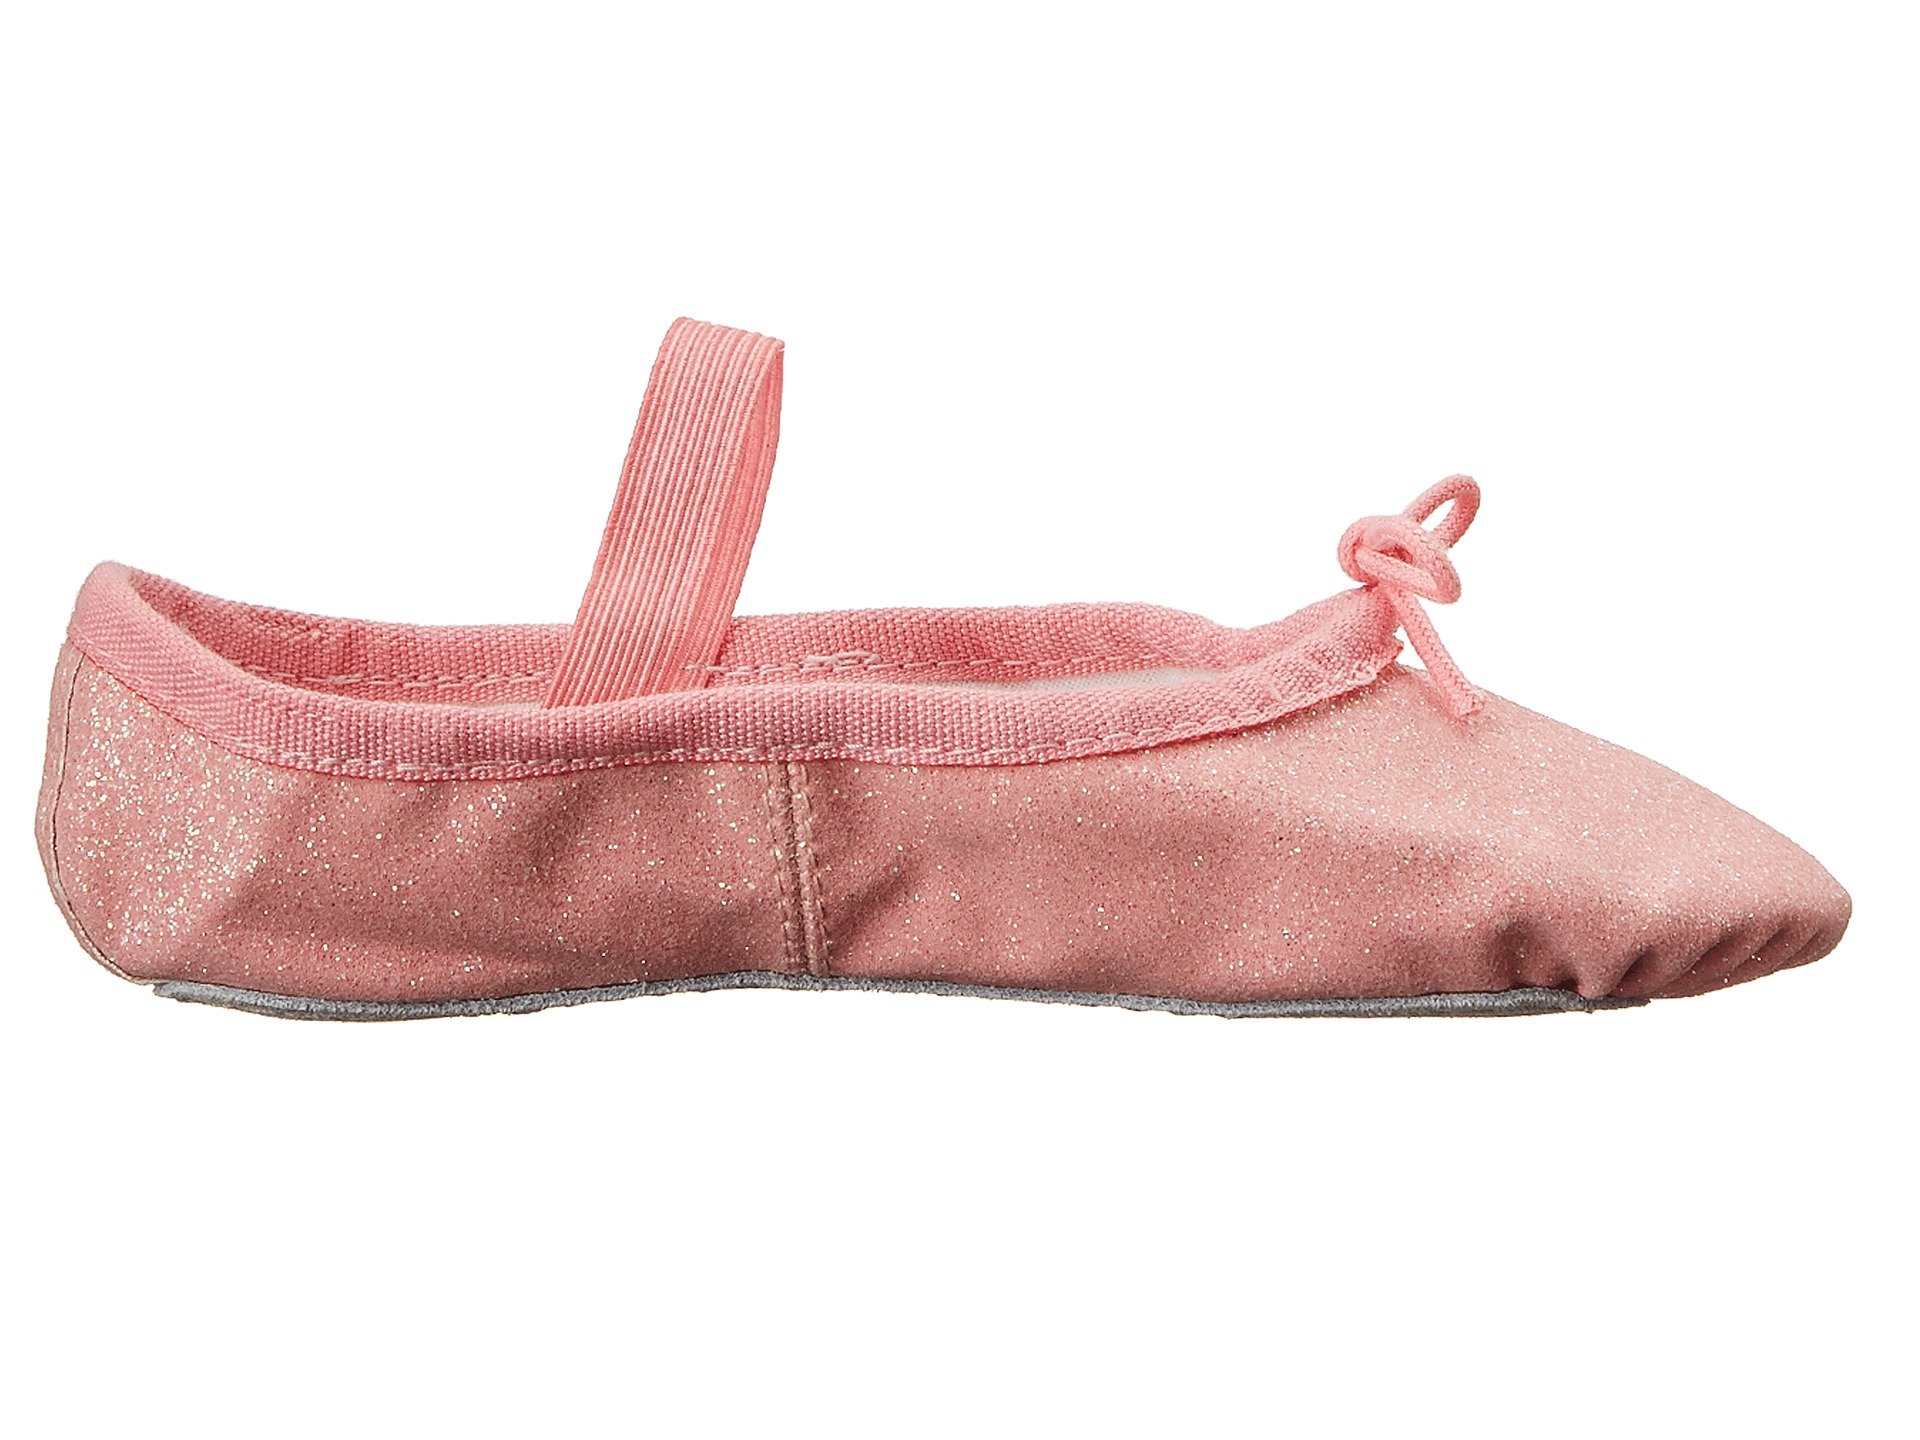 Bloch Kids Glitter Dust Ballet Slipper Toddler Little Kid